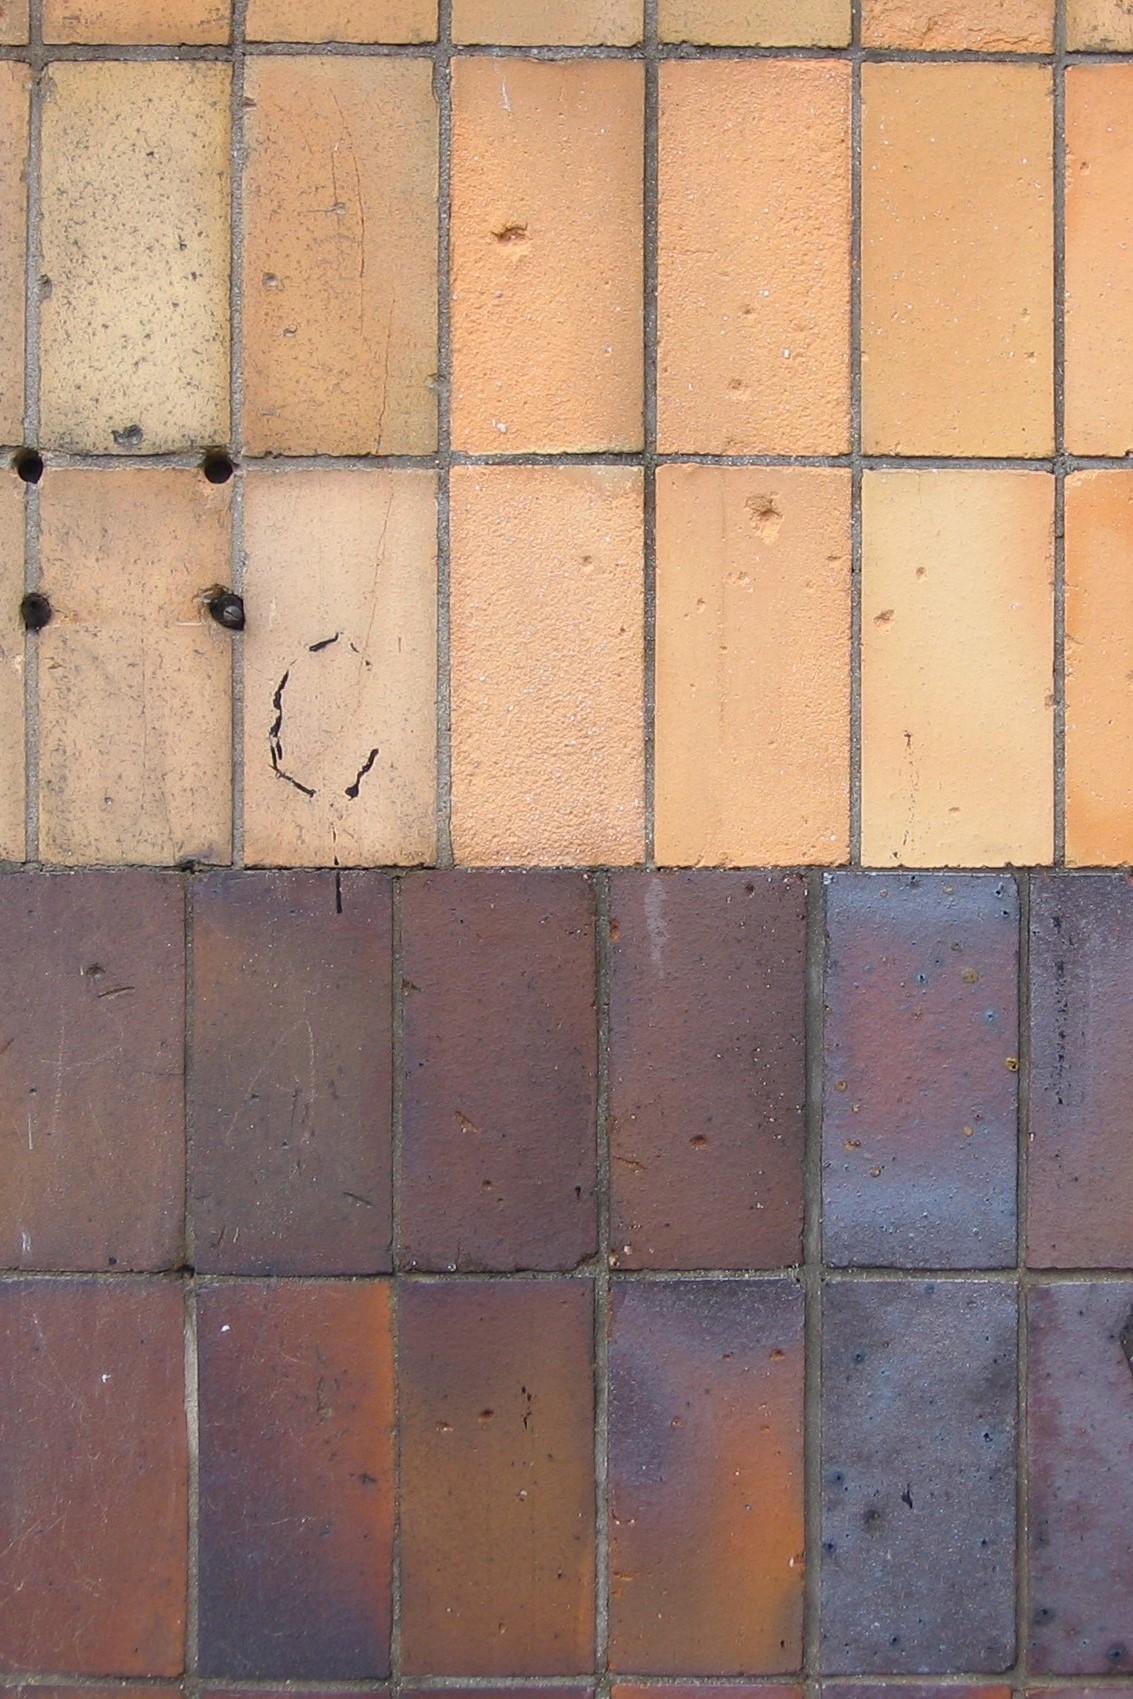 Zestawienie płytek żółtych i brązowych na elewacji jednej z willi